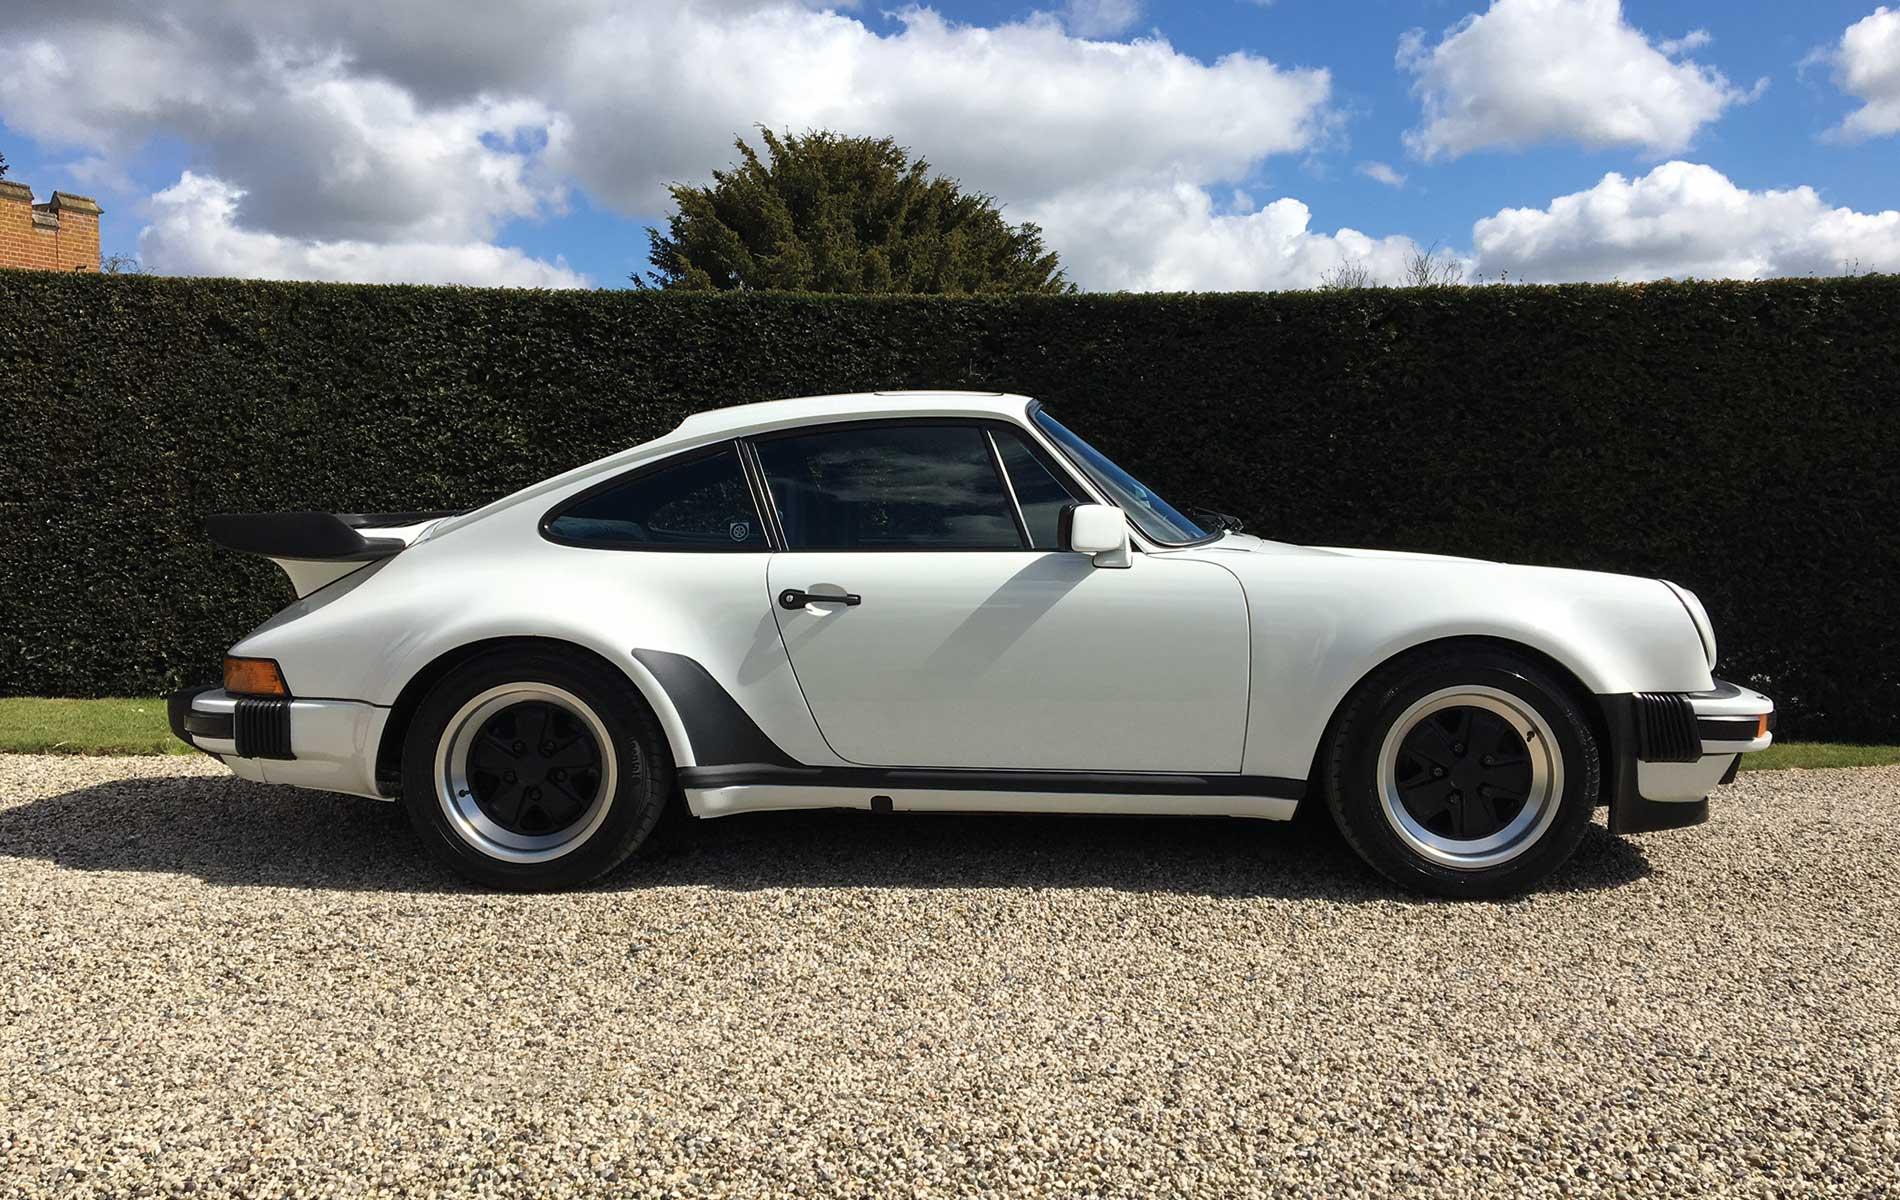 hrb_automotive_1986_Porsche_911_Turbo_05_17_4